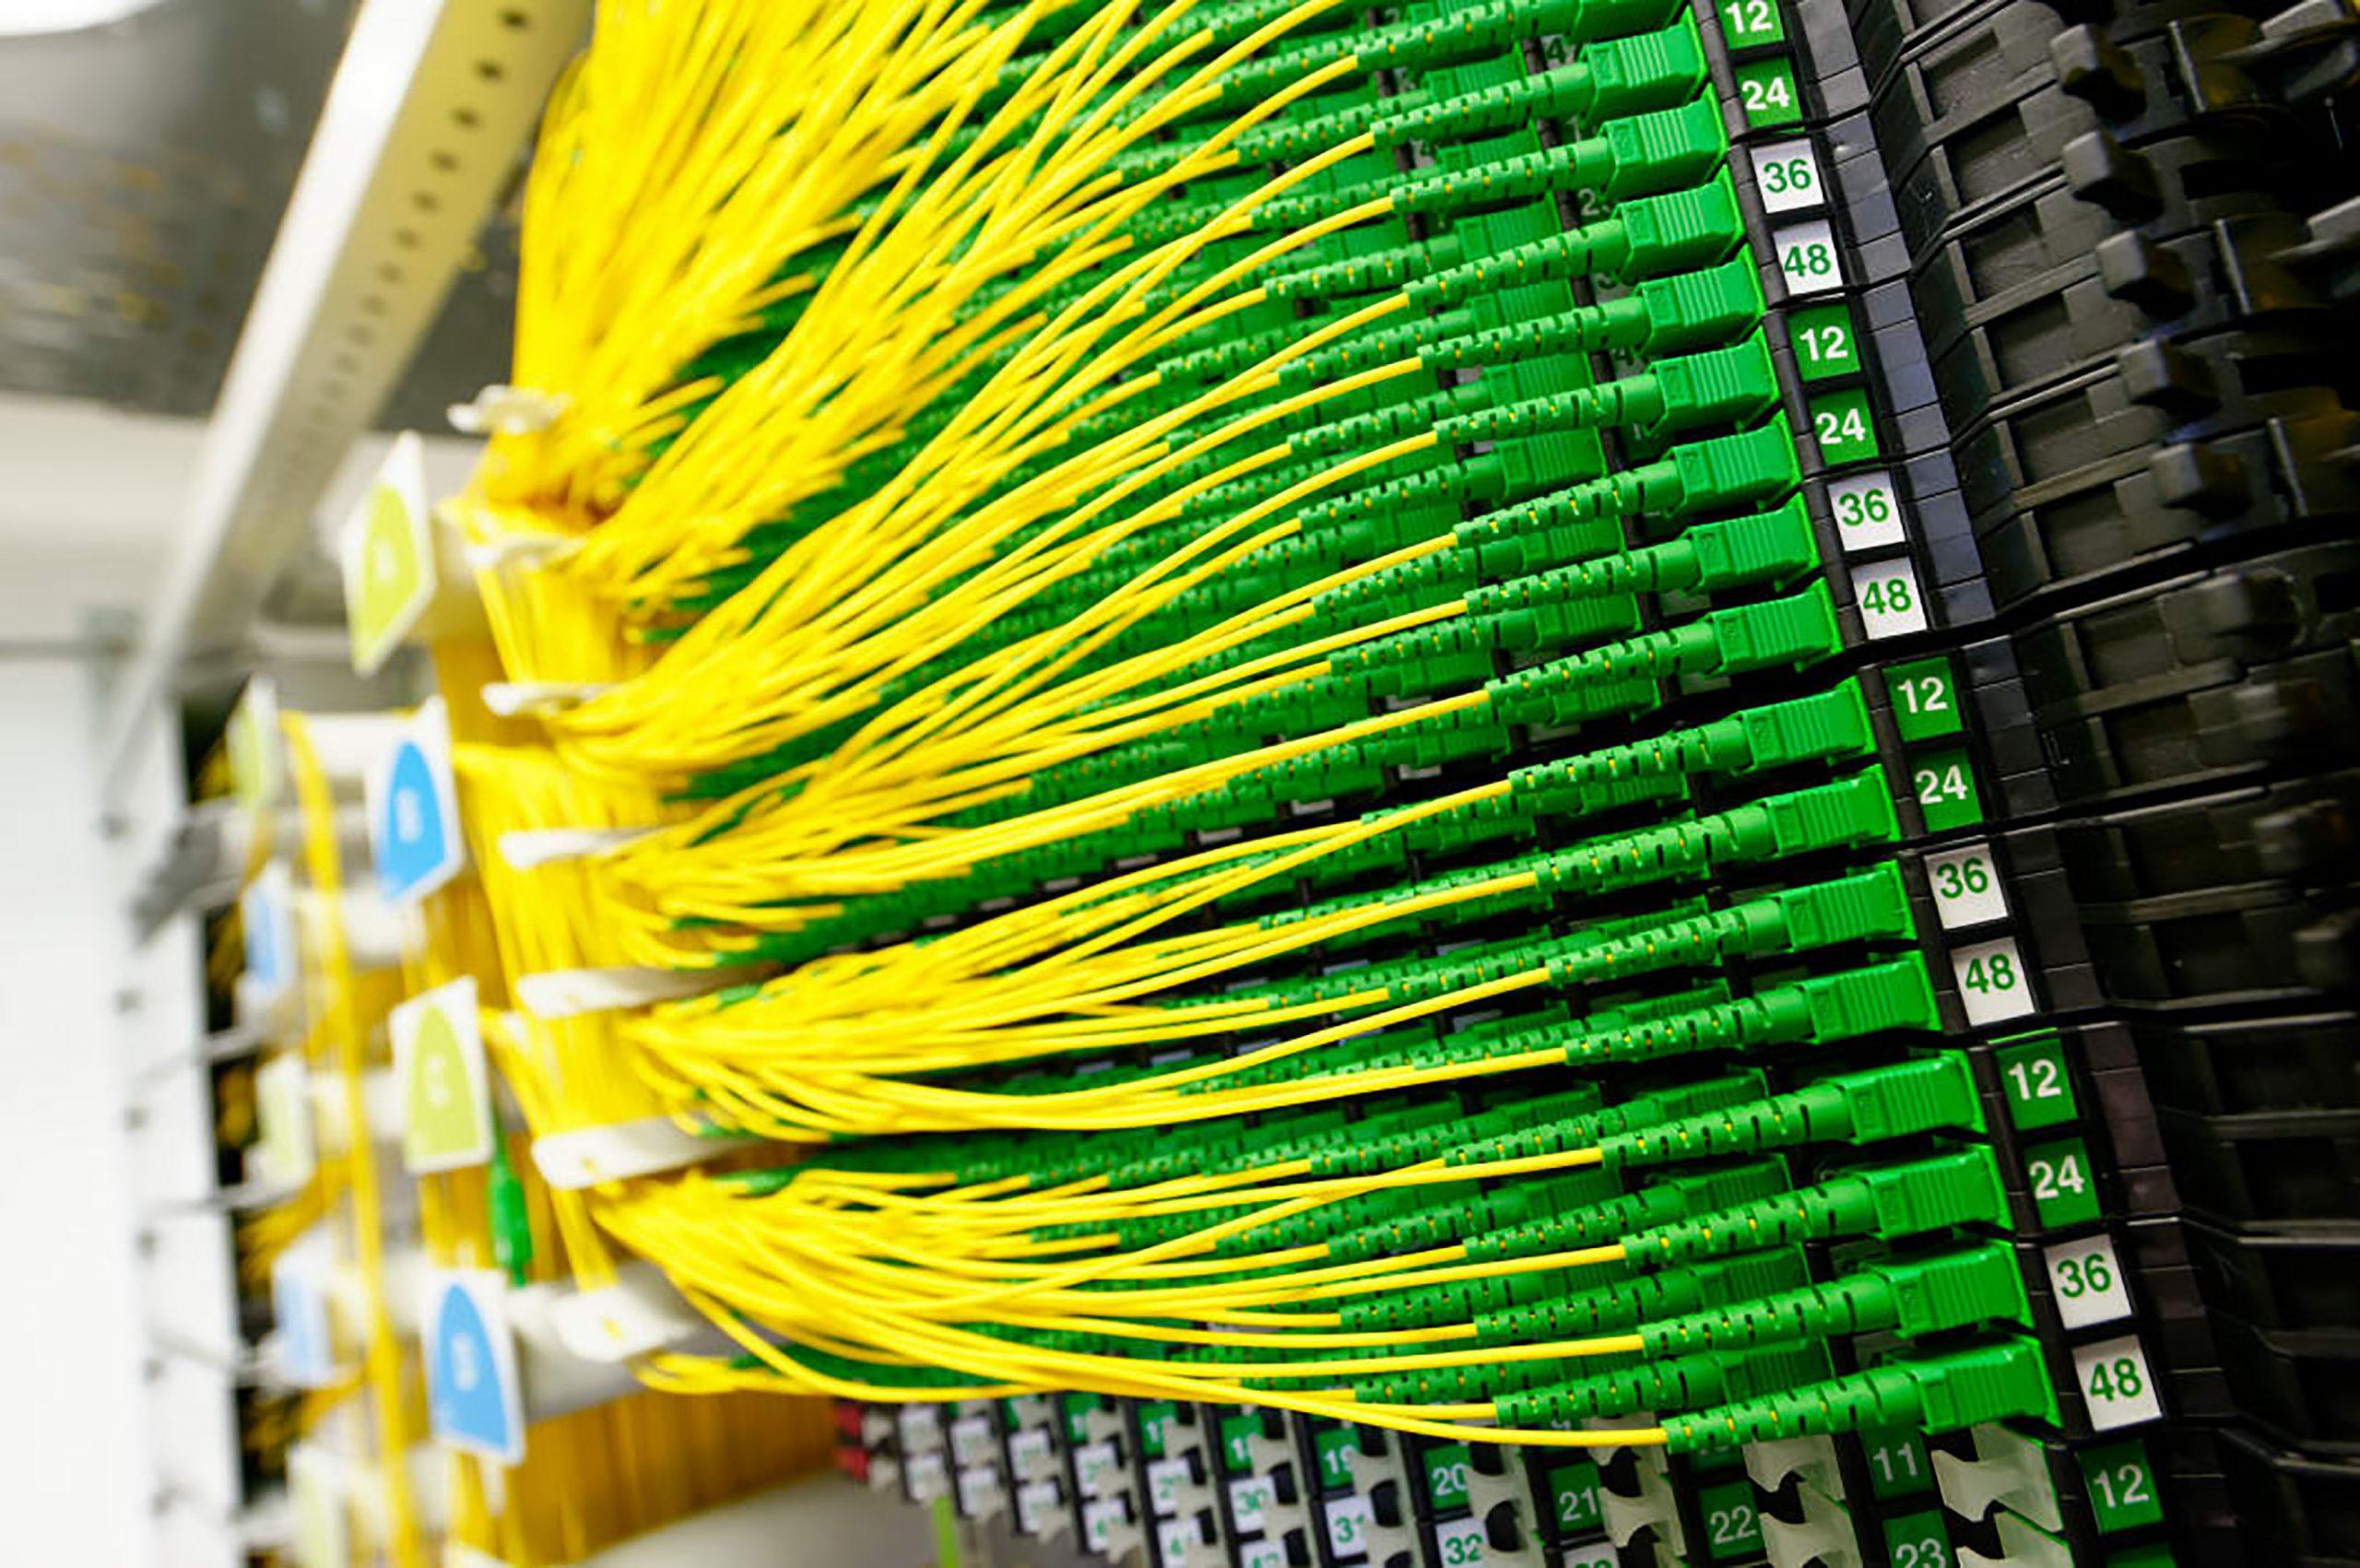 Schnelles Internet buchen und den Förderverein unterstützen